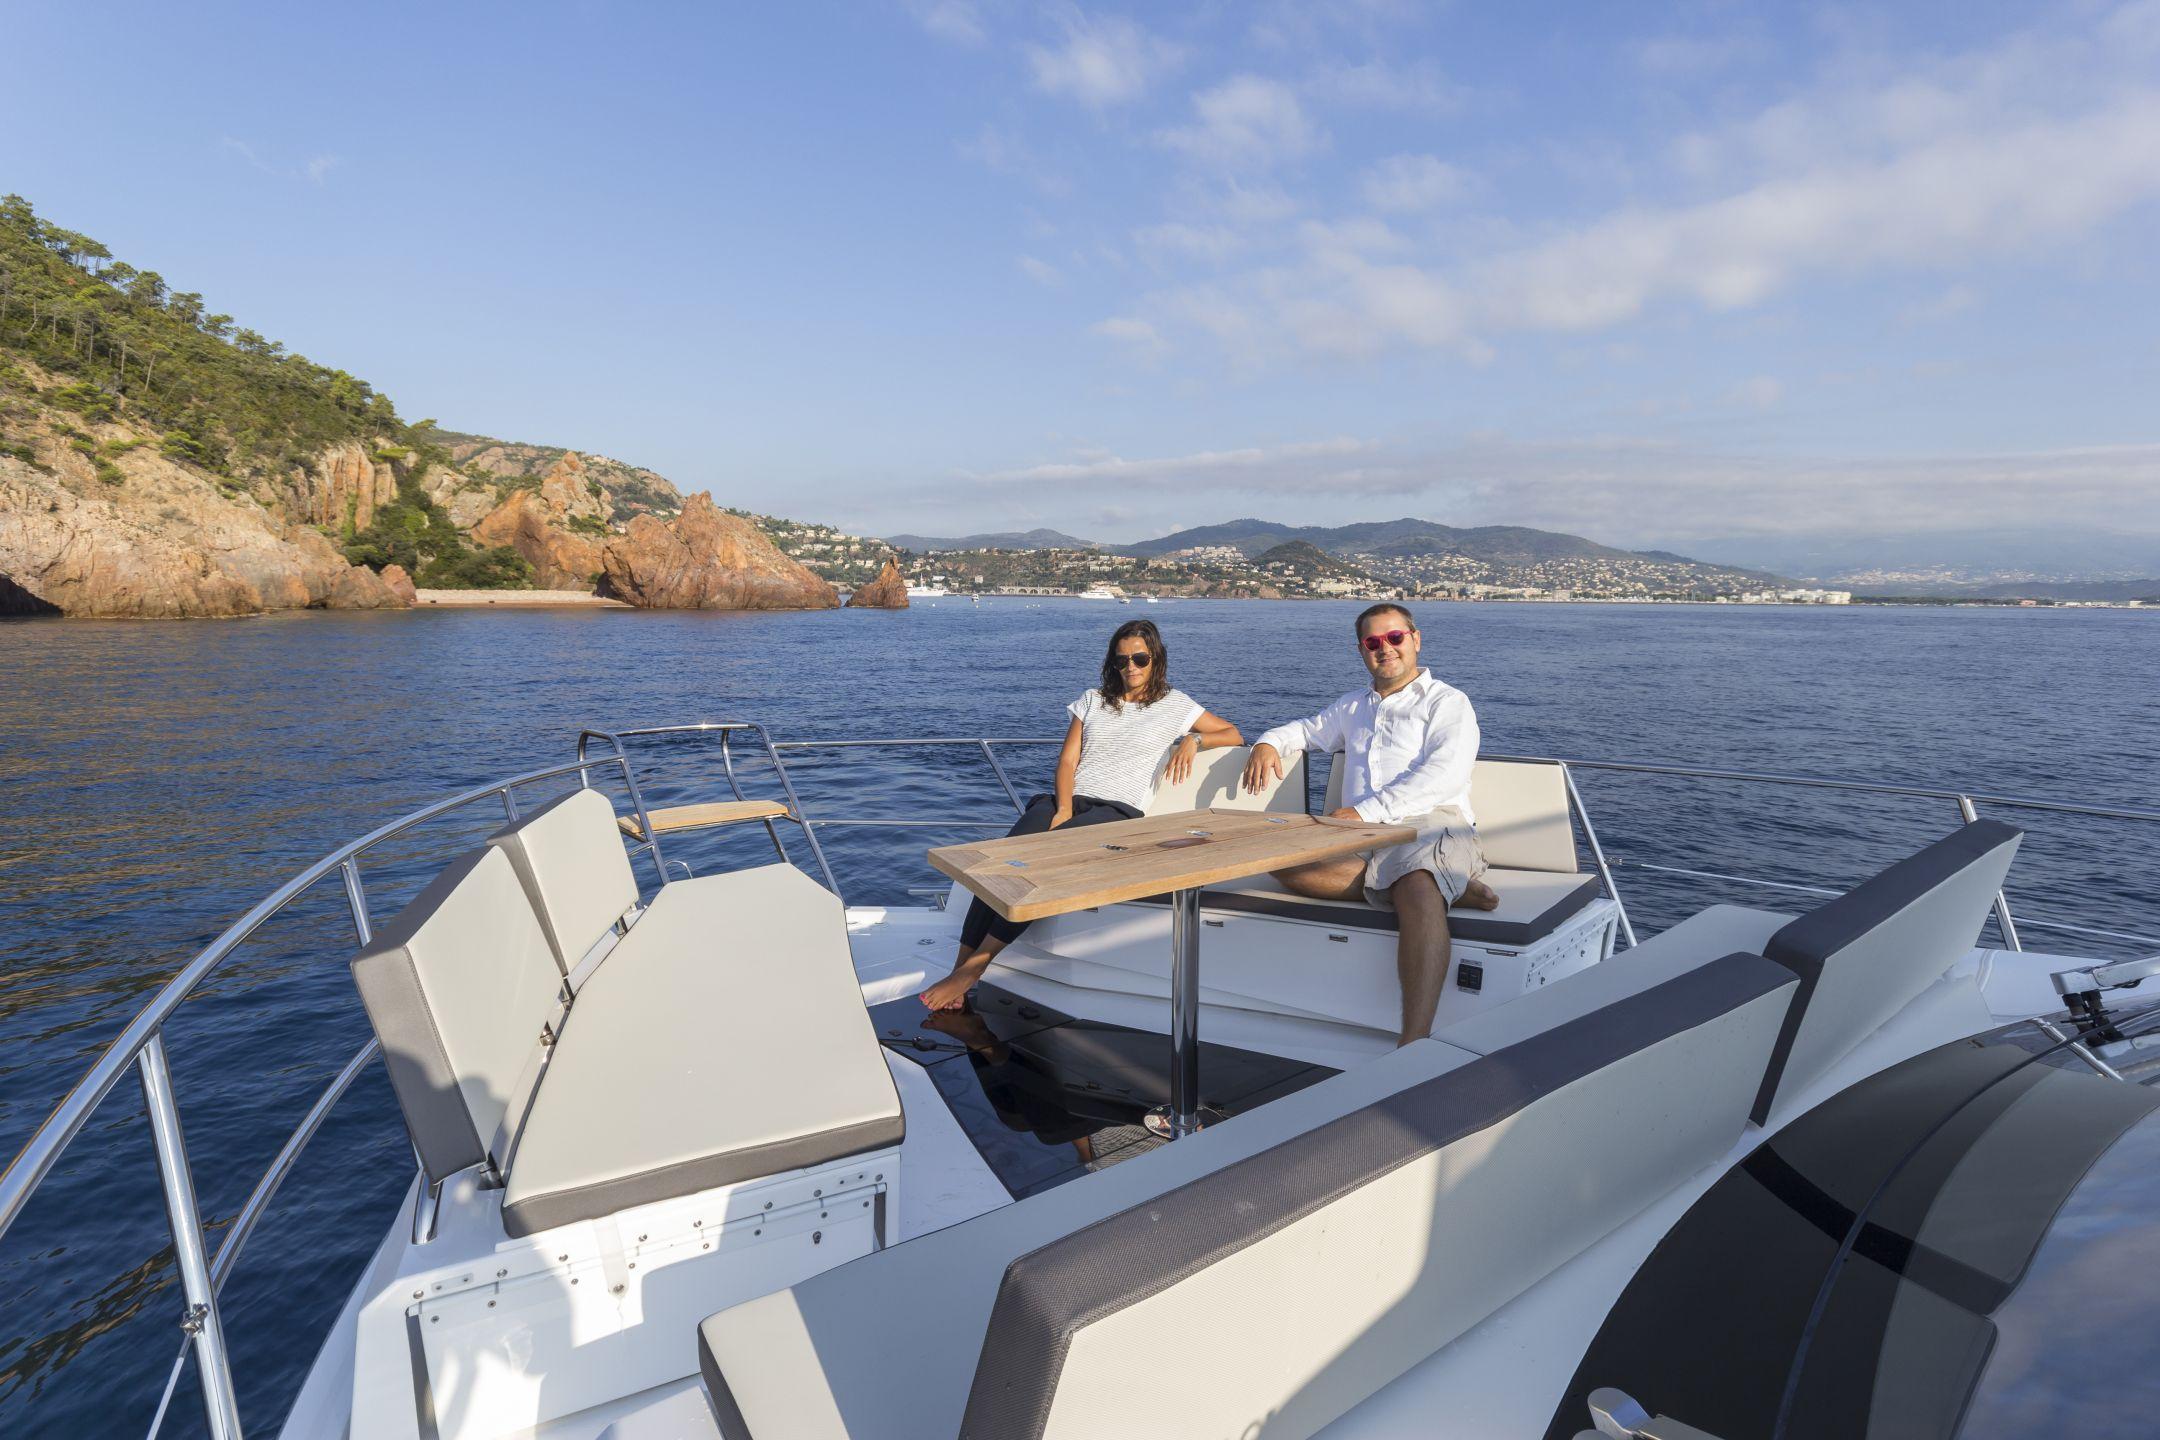 Kiitokset Uivasta ja tervetuloa Cannes venenäyttelyyn 11-16.9.2018